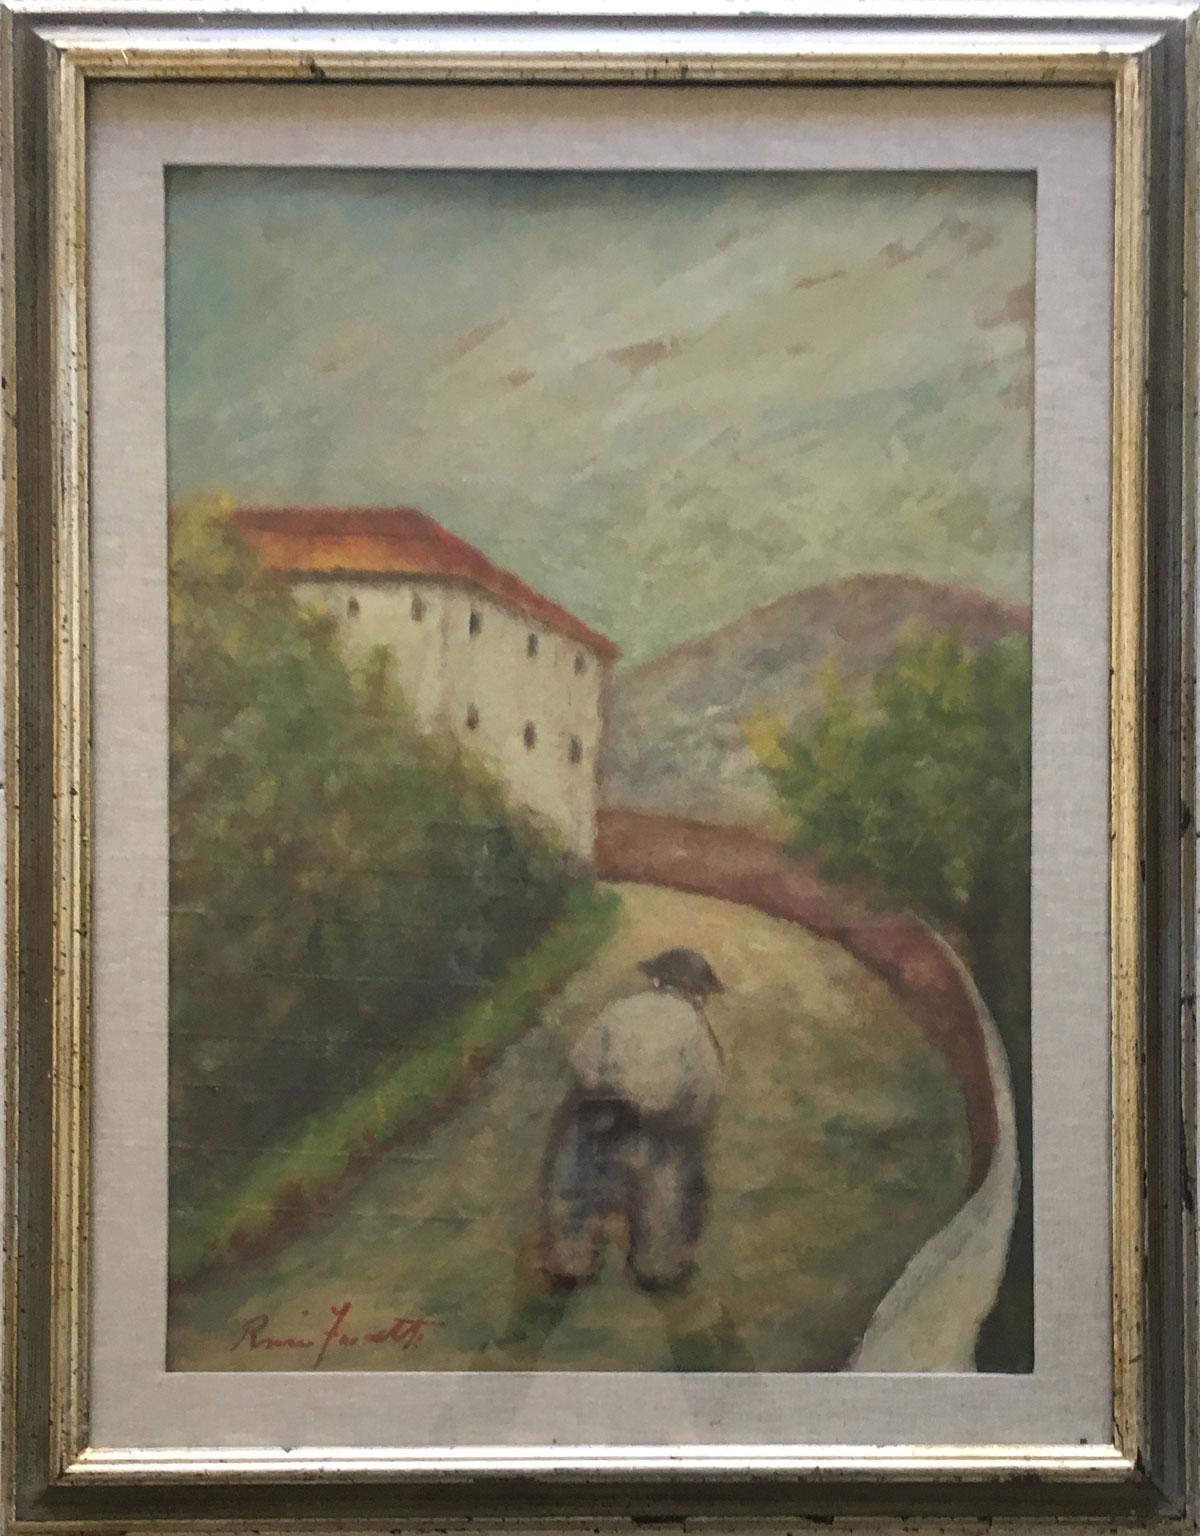 Giuseppe Fraschetti – Senza titolo